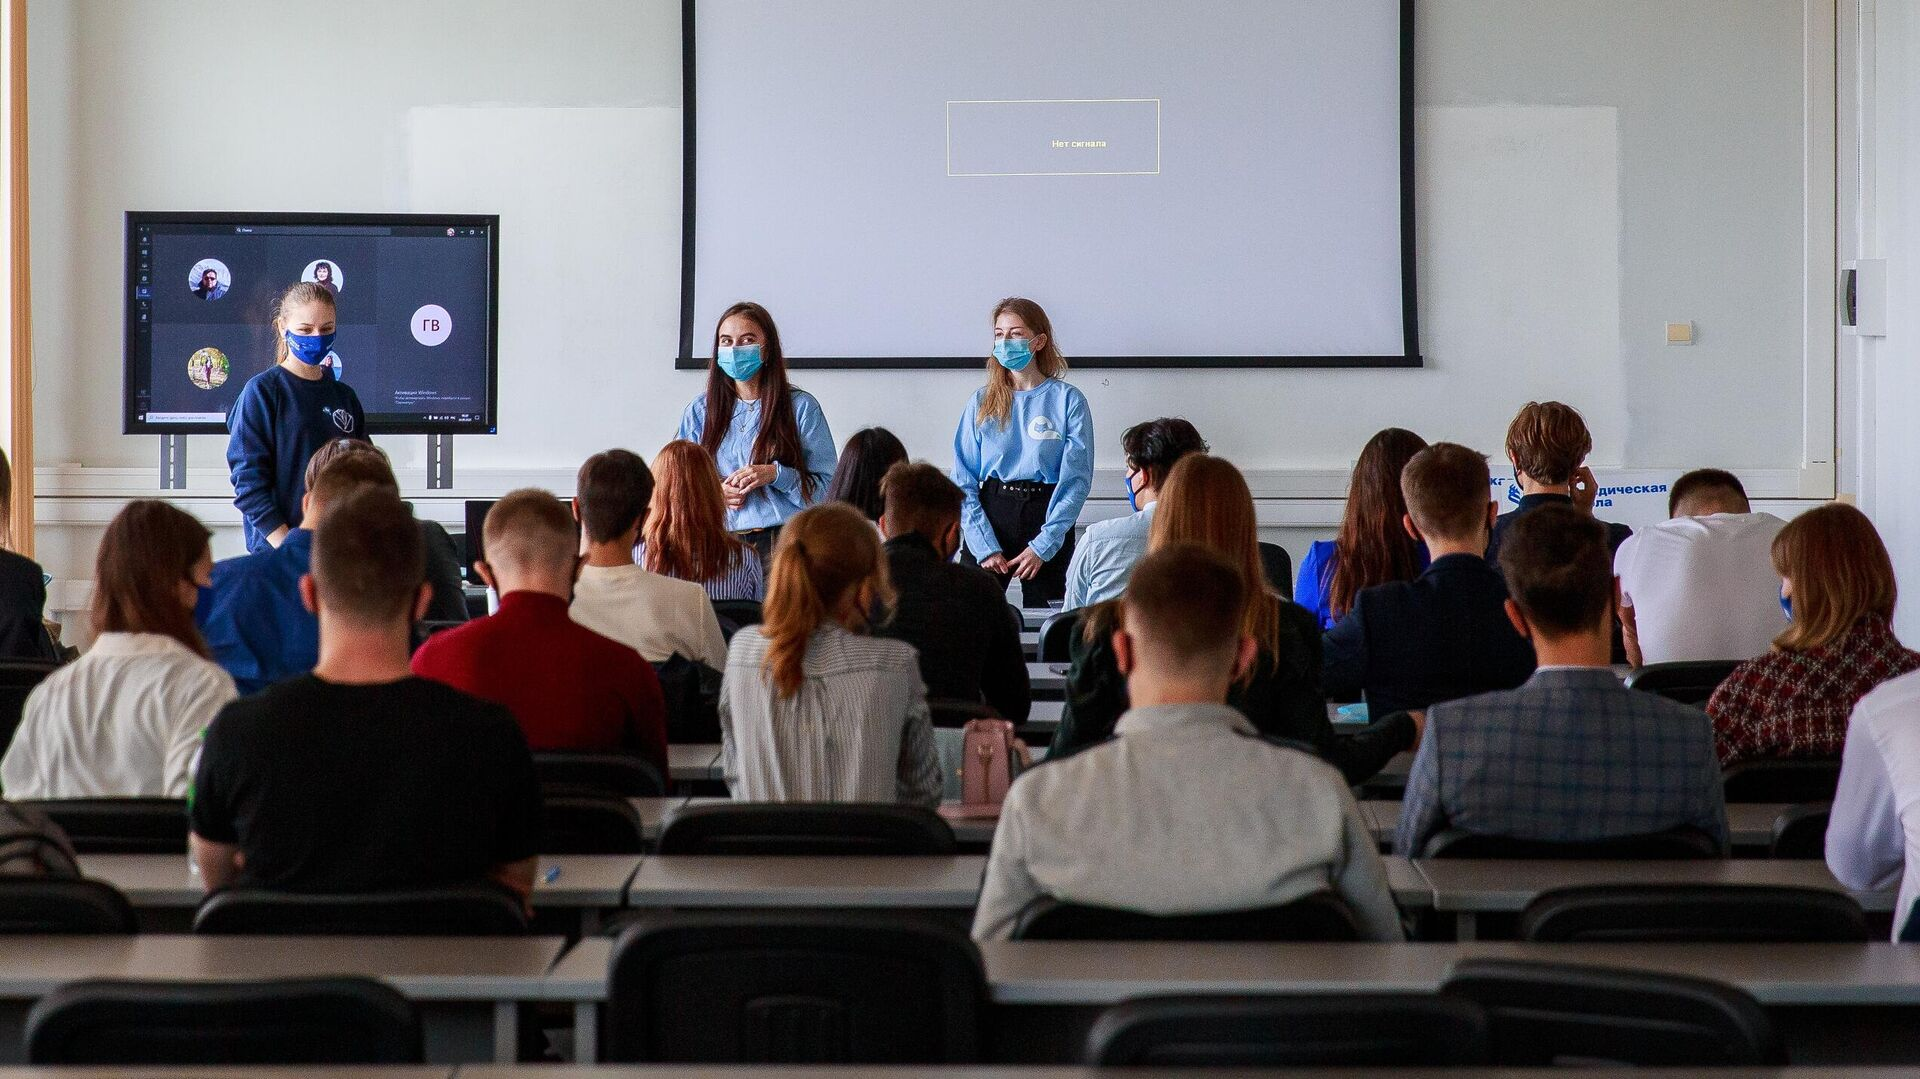 Студенты в аудитории Дальневосточного федерального университета  - РИА Новости, 1920, 18.09.2020